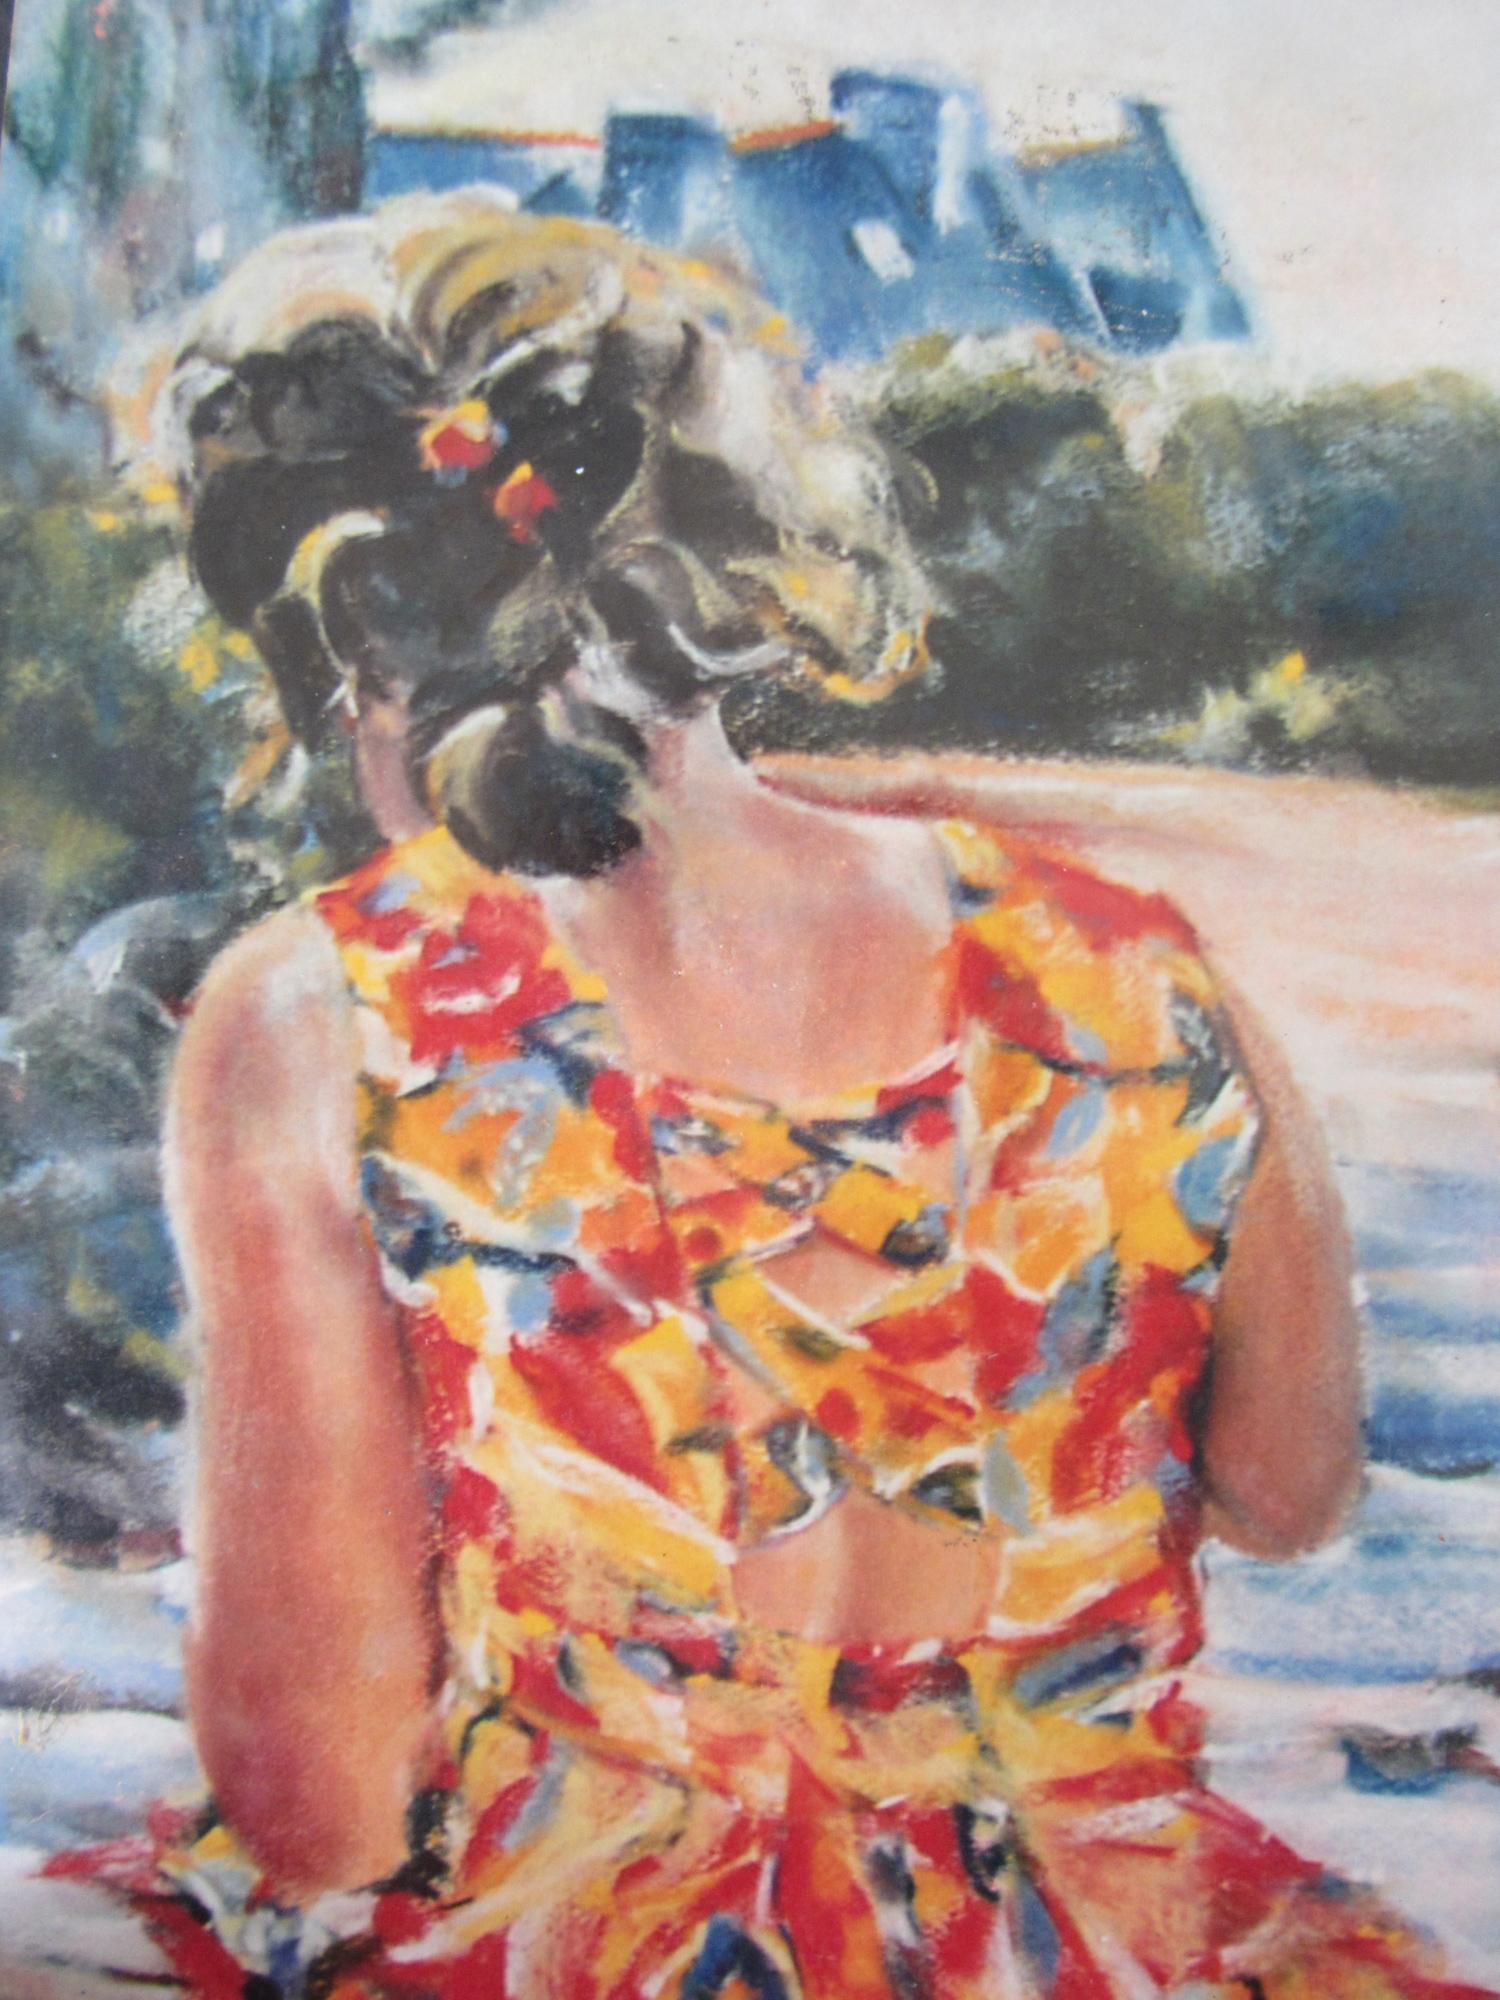 Personnage à La Garde Saint-Cast - Peinture au pastel sec par Isabelle Douzamy - 50x65cm